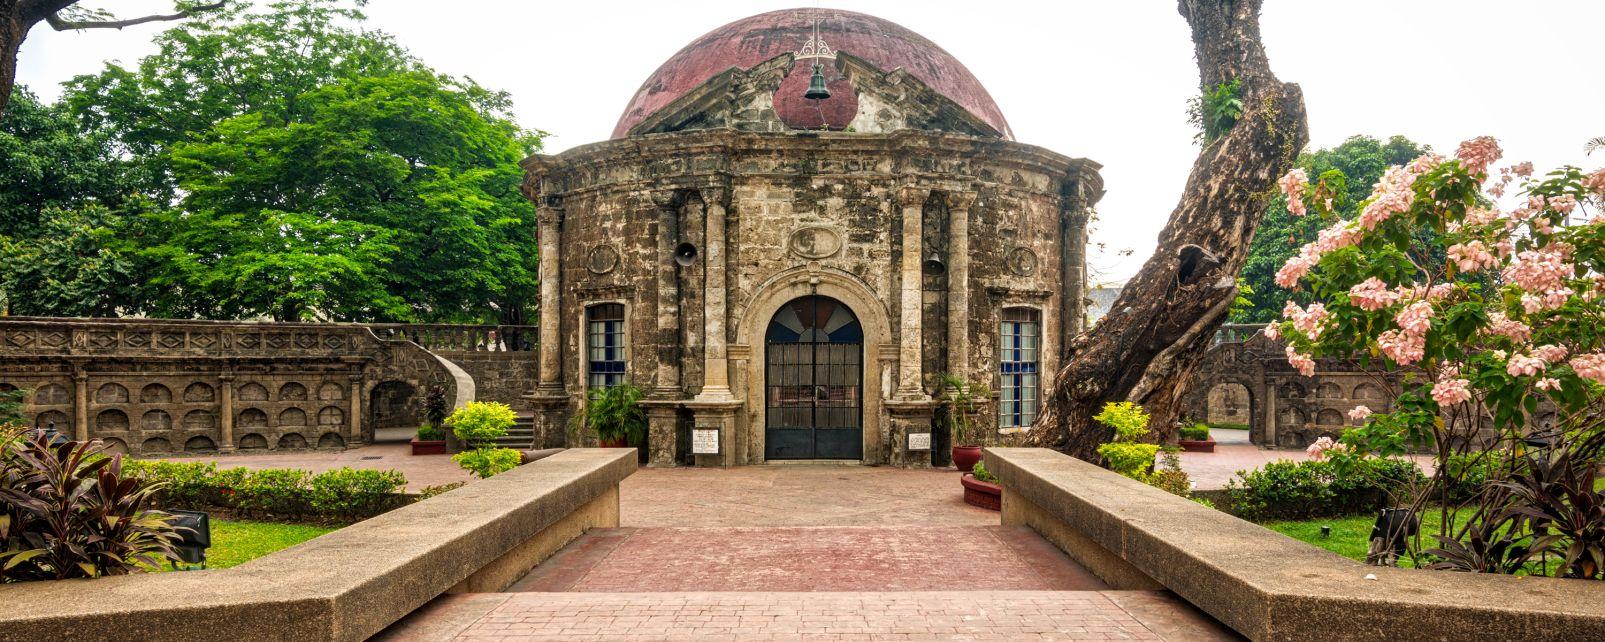 Les monuments, Philippines, asie, église, culte, christianisme, religion, catholique, saint-pancras, manille